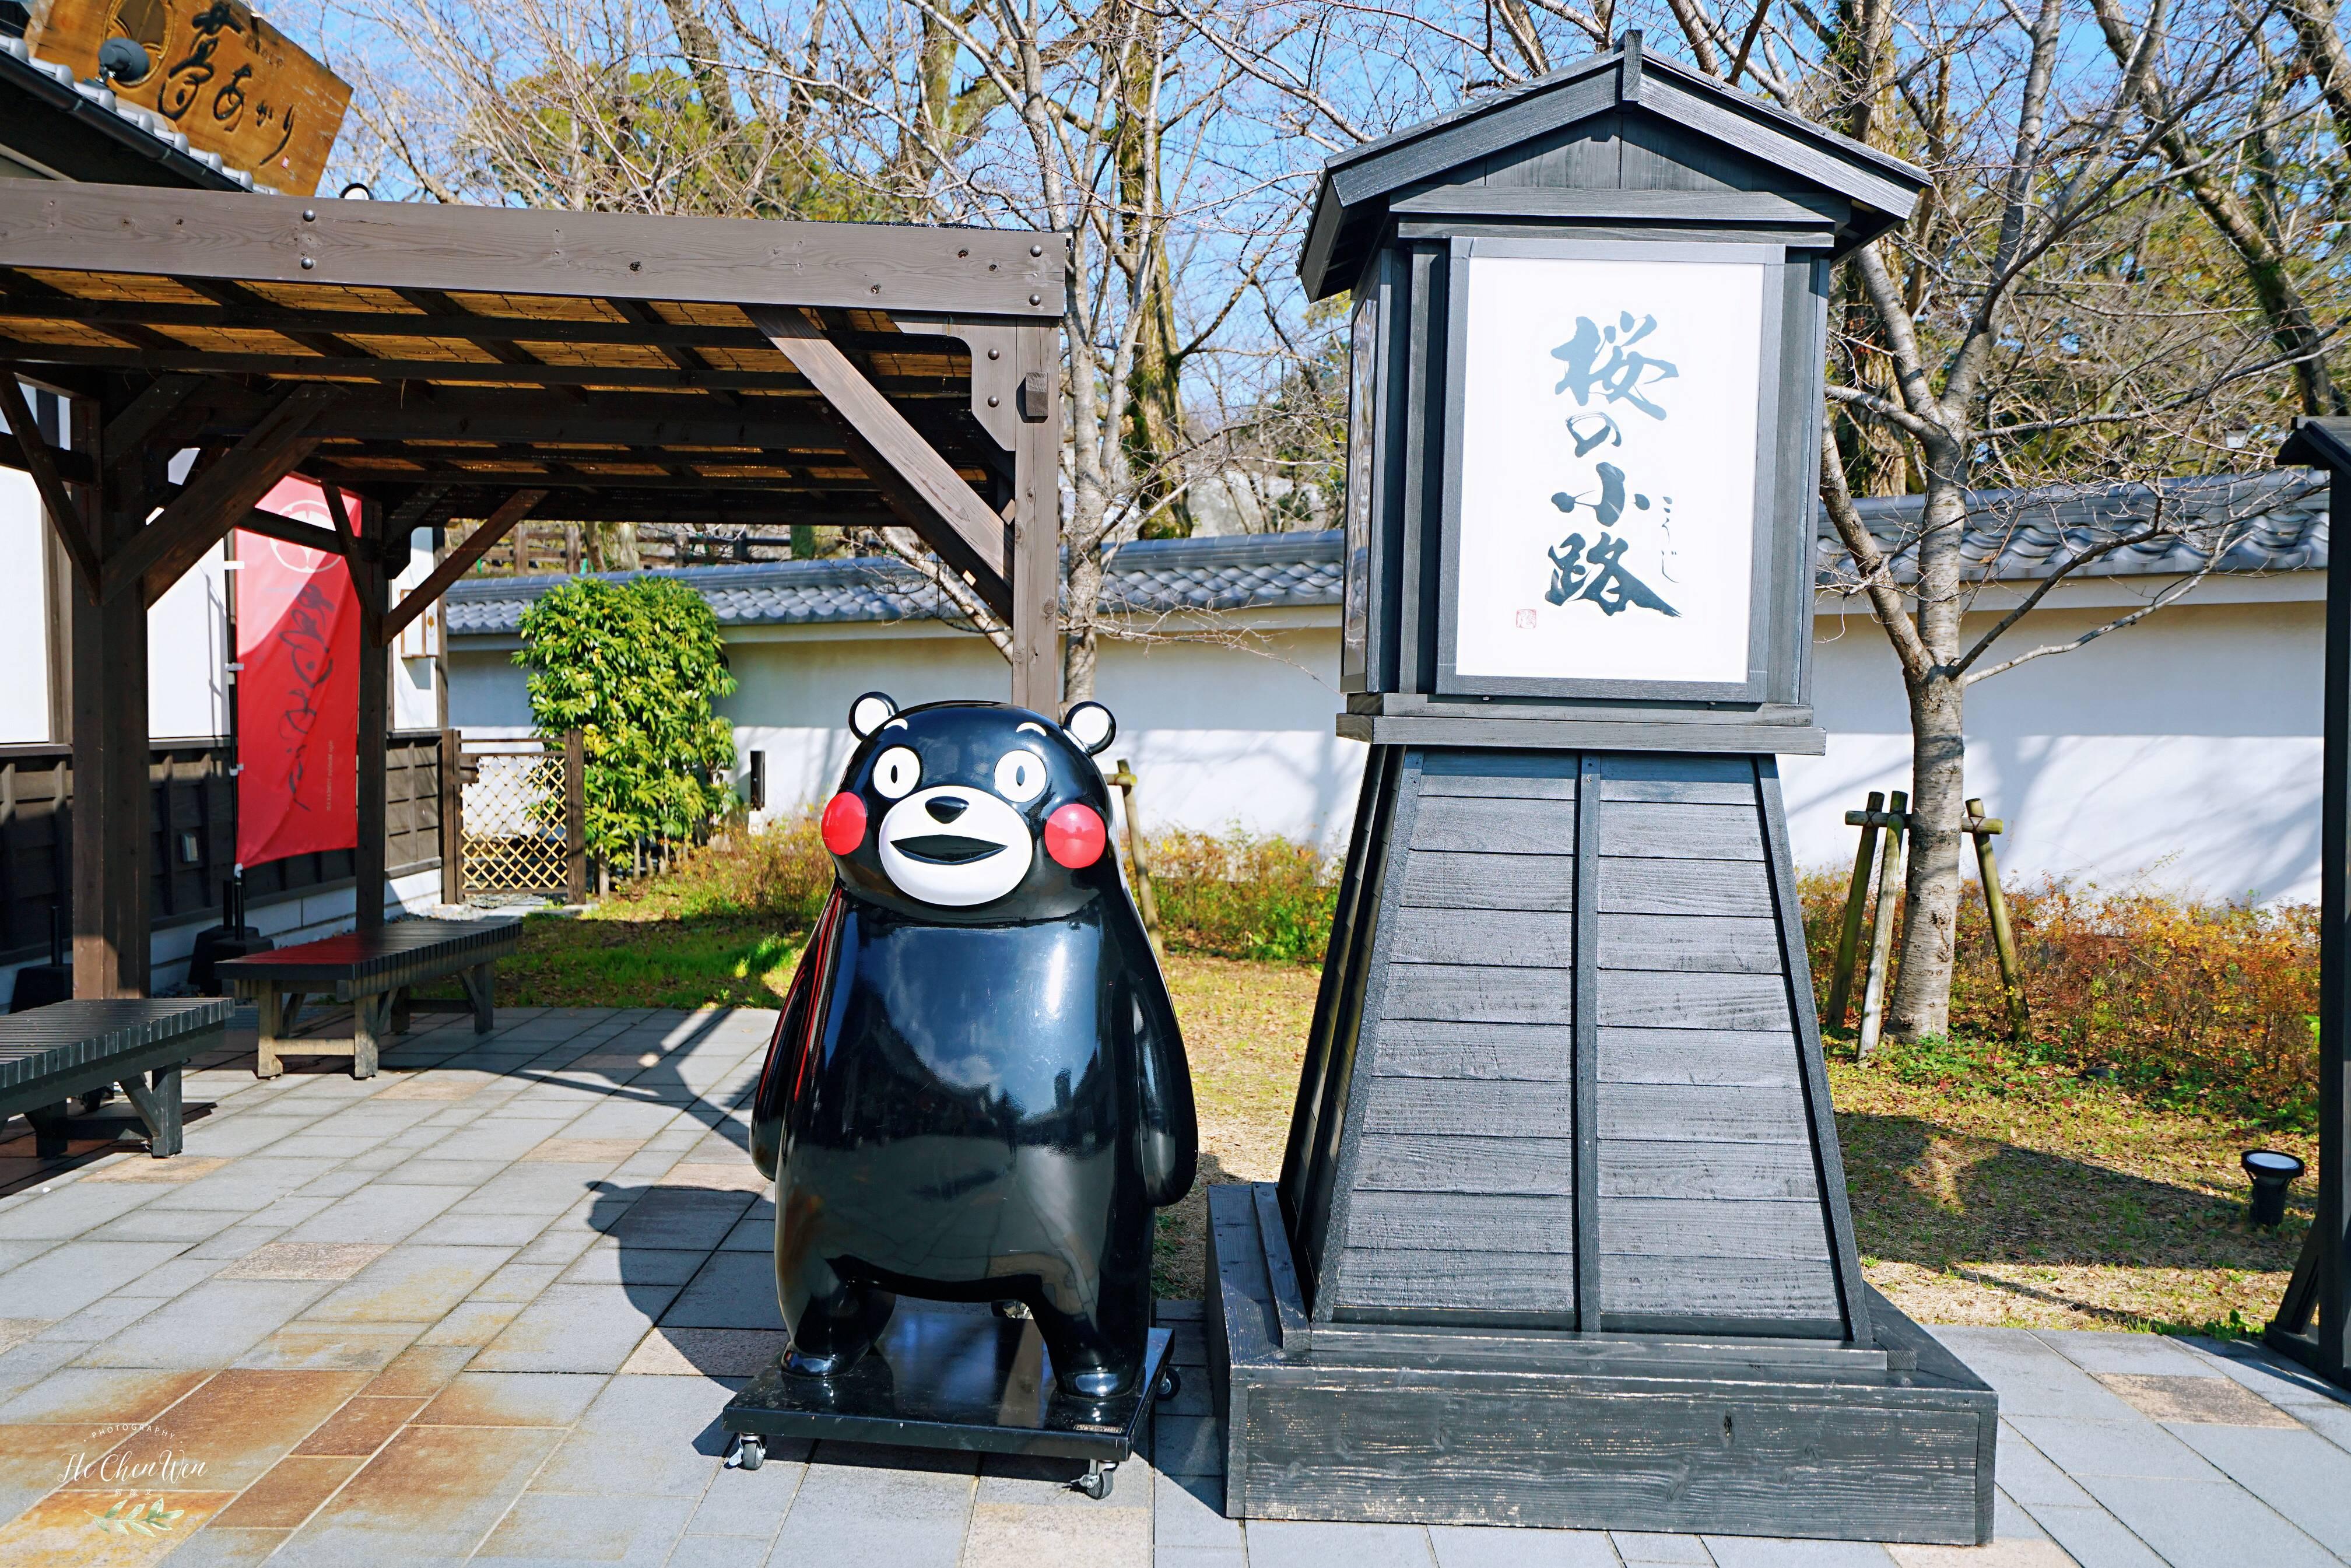 日本着名三大名城之一,又被称为银杏城,因熊本熊闻名世界